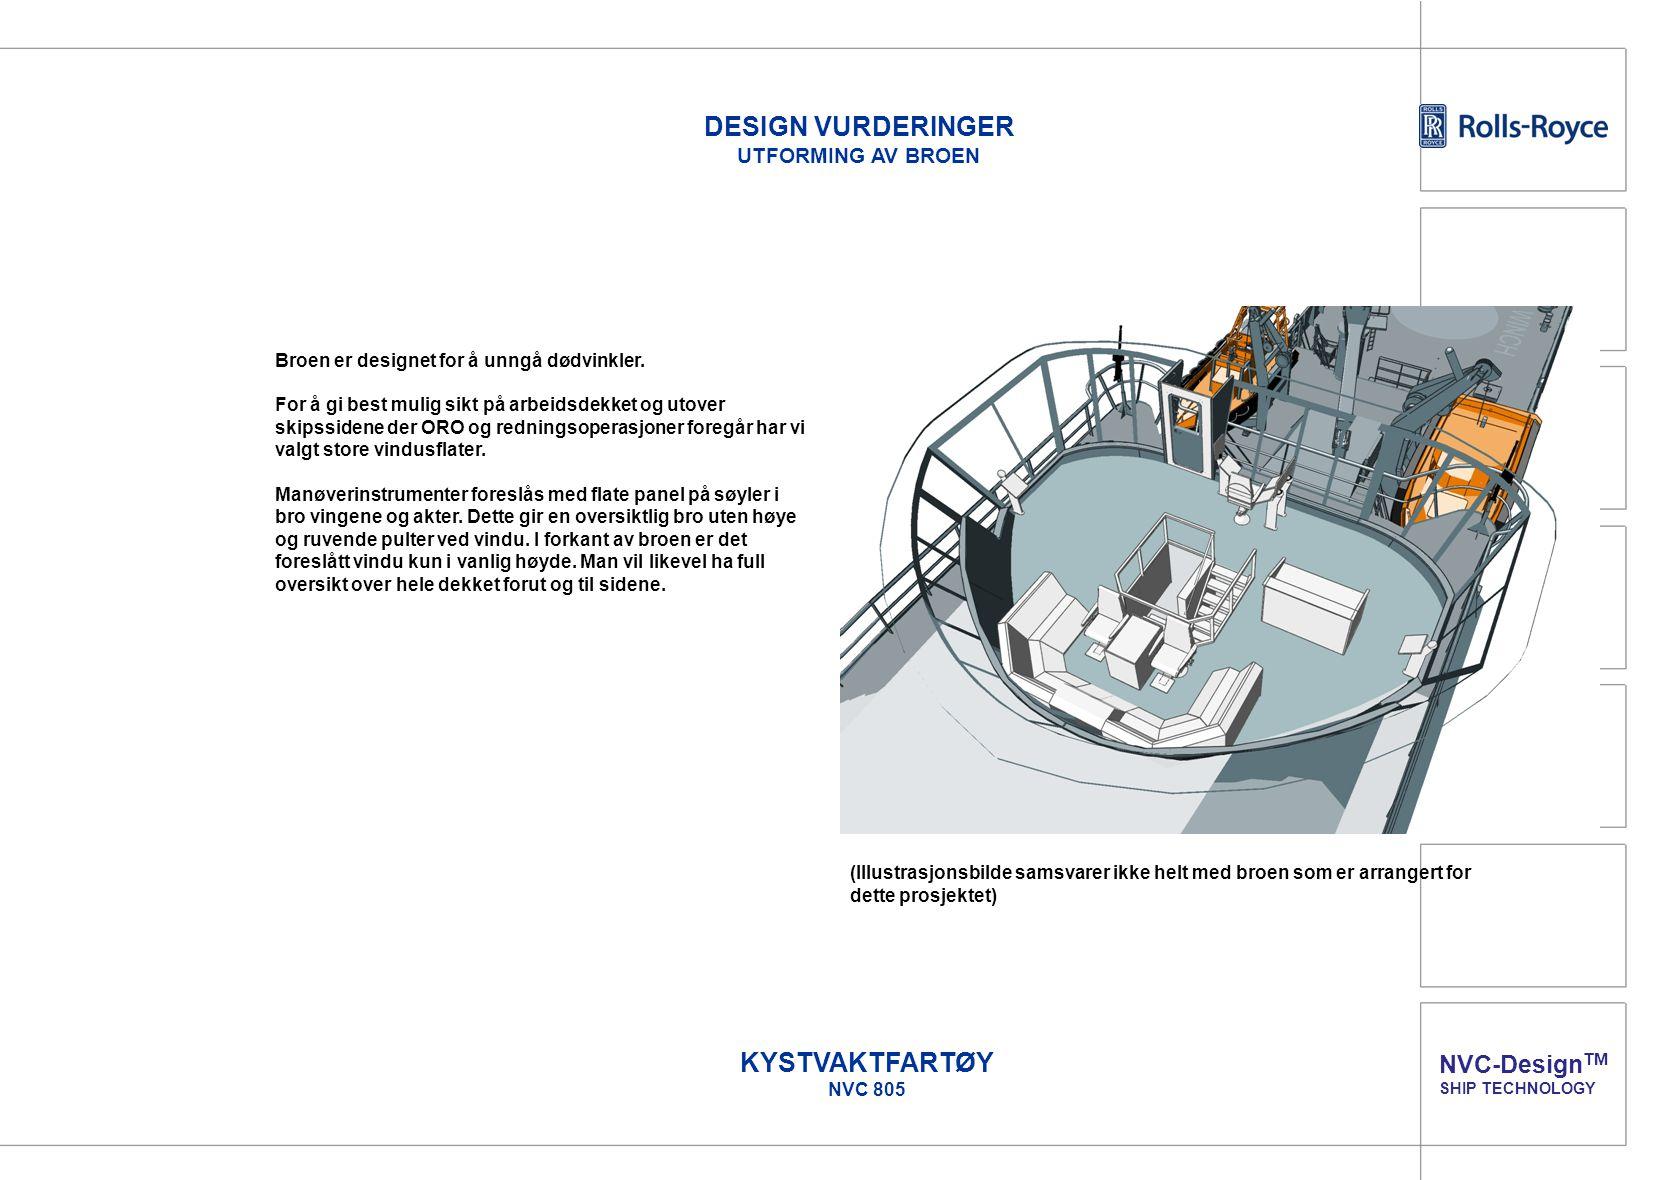 NVC-Design TM SHIP TECHNOLOGY KYSTVAKTFARTØY NVC 805 Broen er designet for å unngå dødvinkler. For å gi best mulig sikt på arbeidsdekket og utover ski